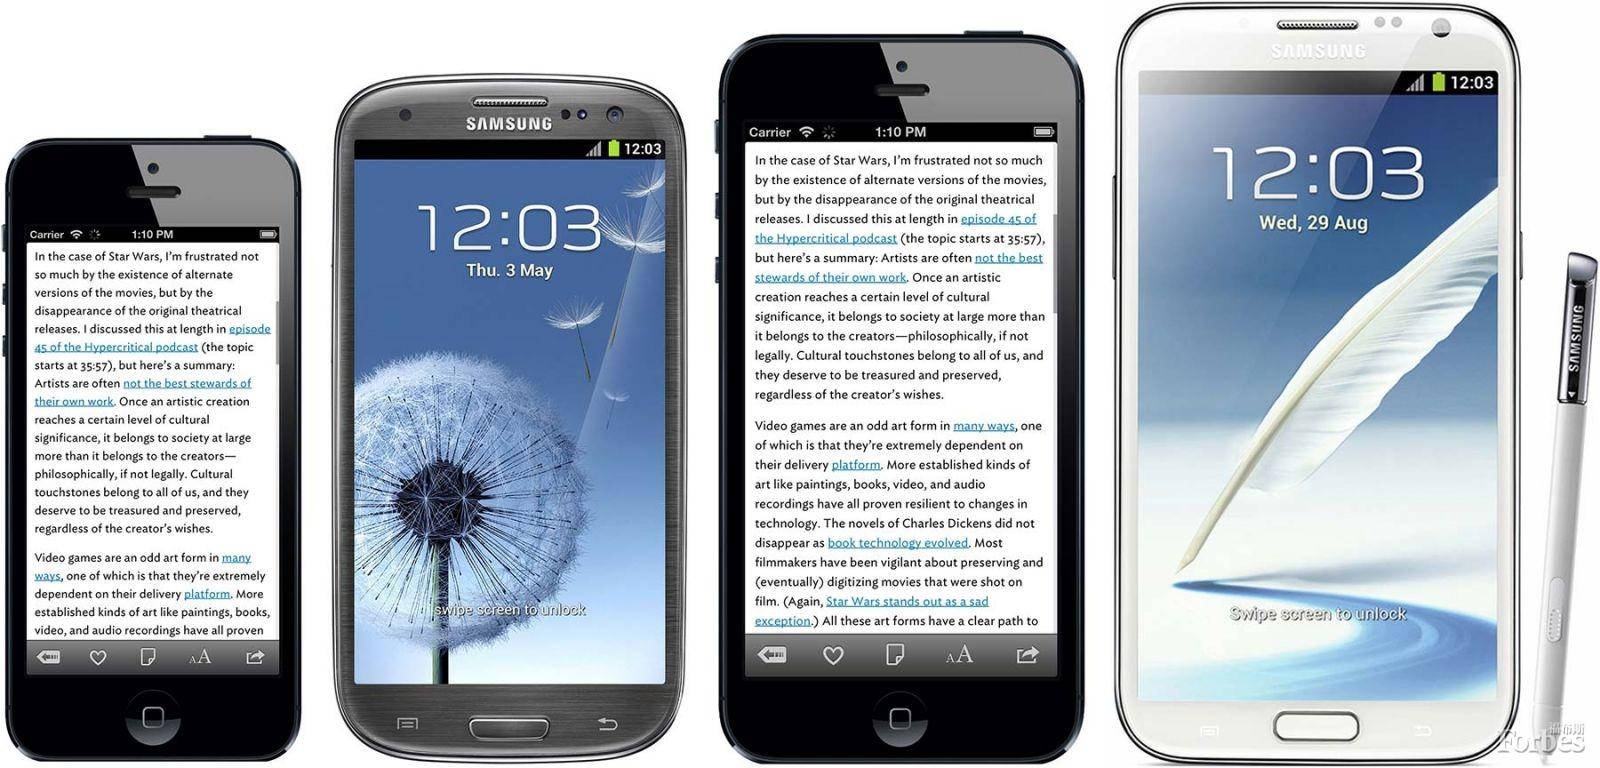 4.8寸屏幕能否帮苹果抢占大屏手机市场